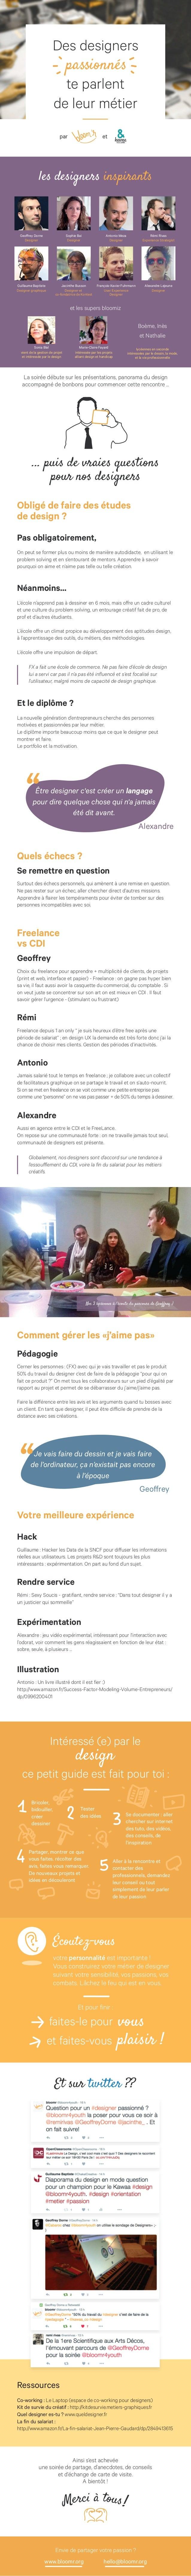 les designers inspirants et les supers bloomiz Boème, Inès et Nathalie vient de la gestion de projet et intéressée par le ...